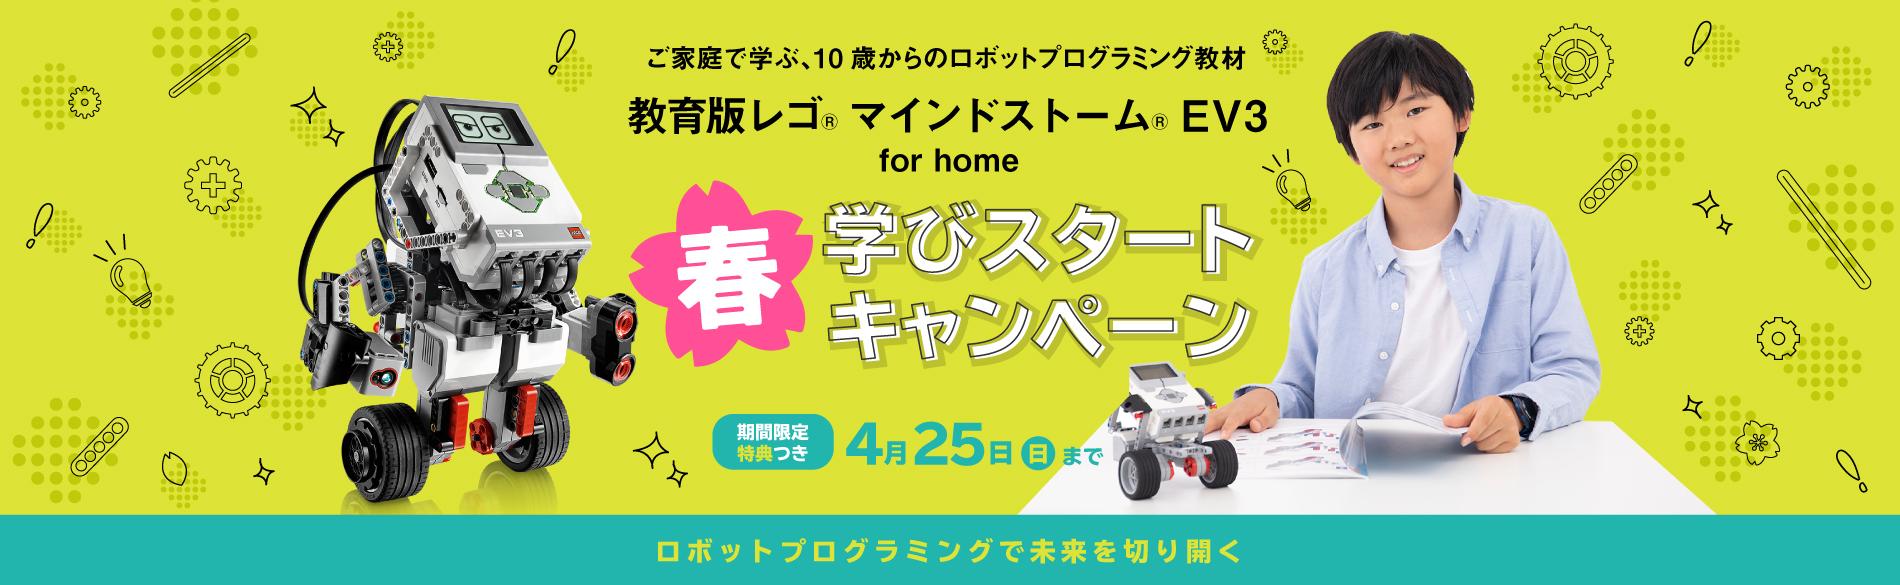 春 学びスタートキャンペーン 4/25(日)まで